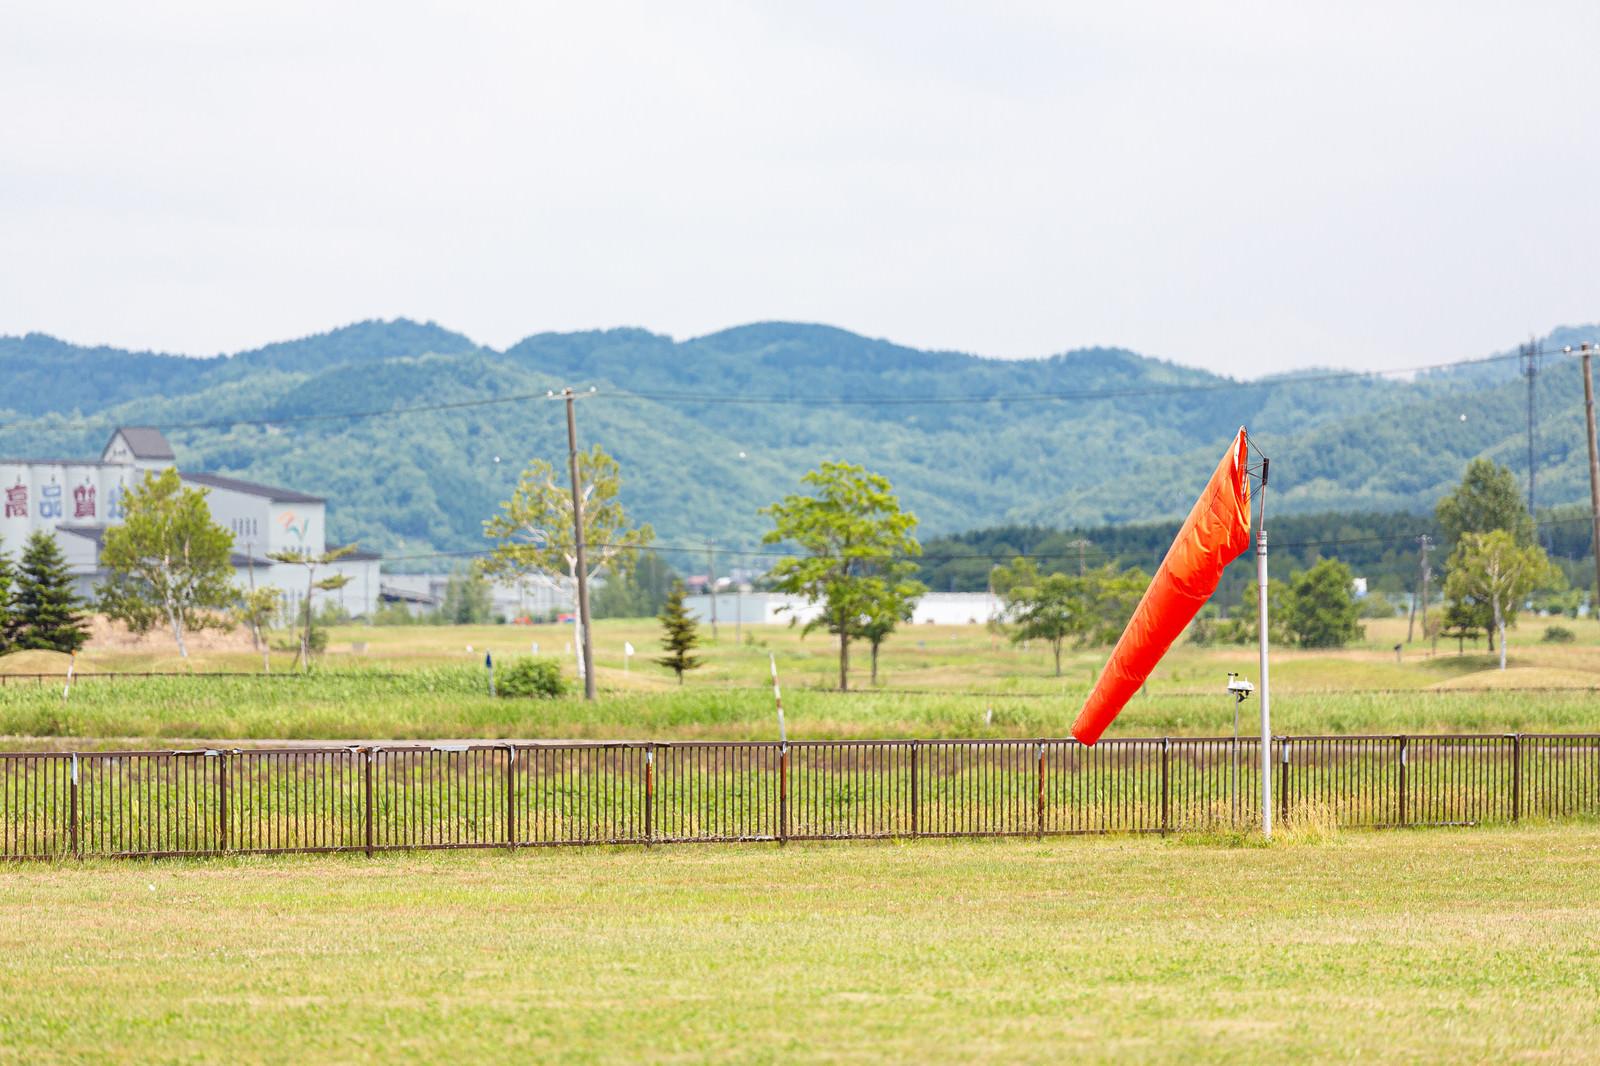 「美唄市農道離着陸場にあった風力・風向きを測定する風速計」の写真